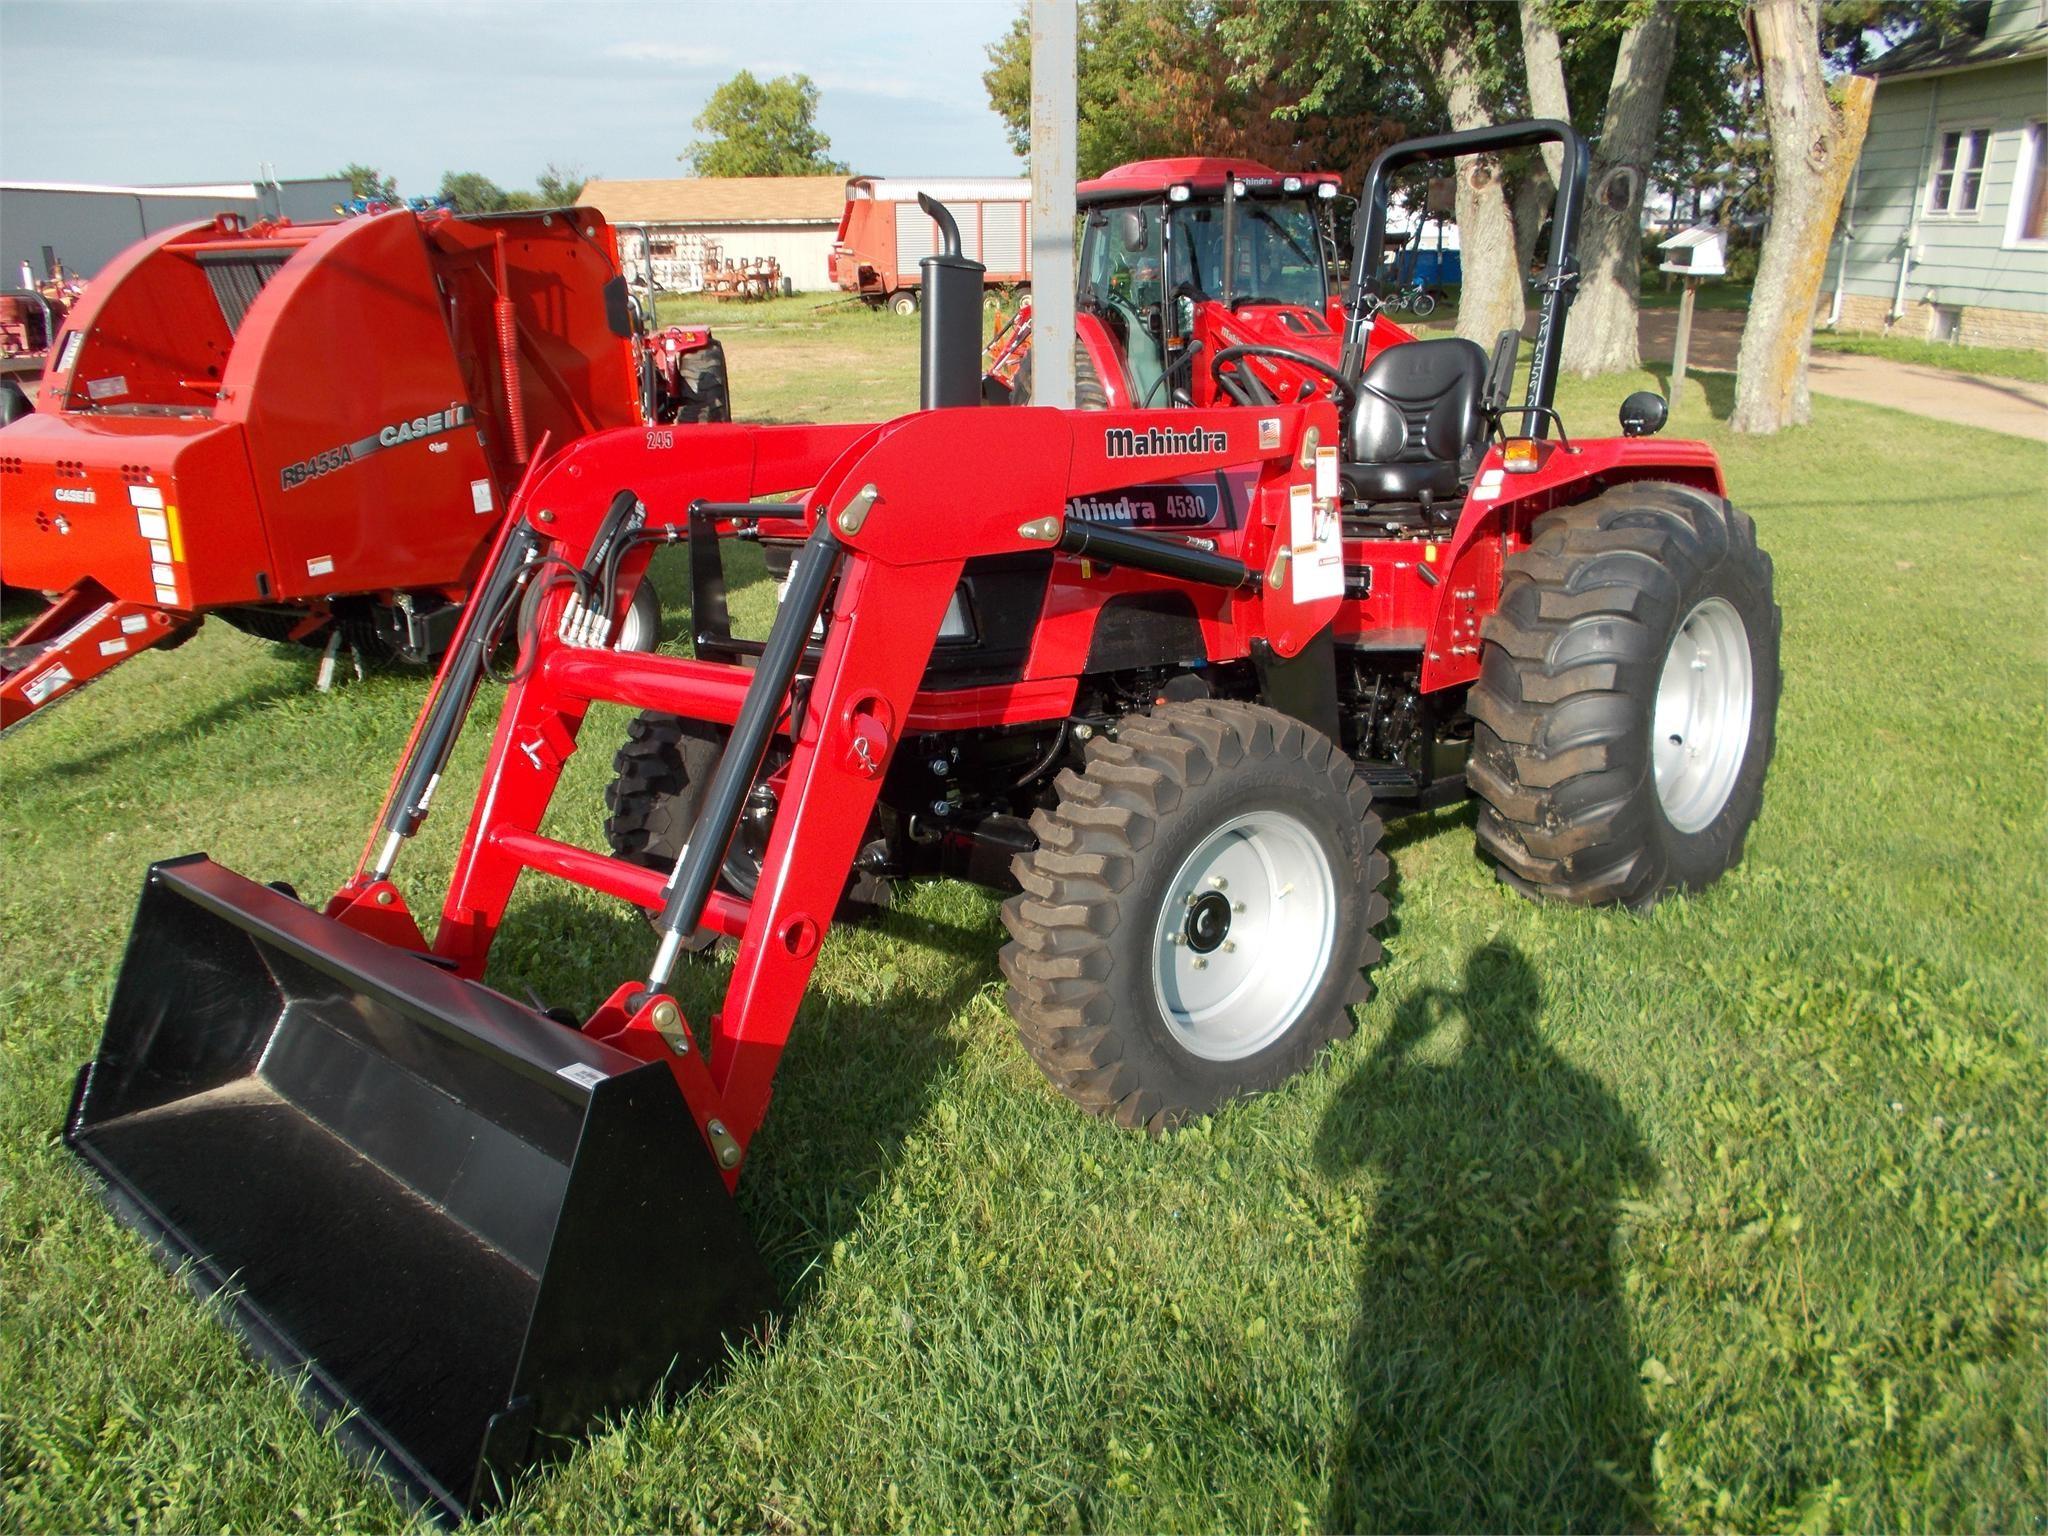 MAHINDRA 4530 40-99 HP Tractor